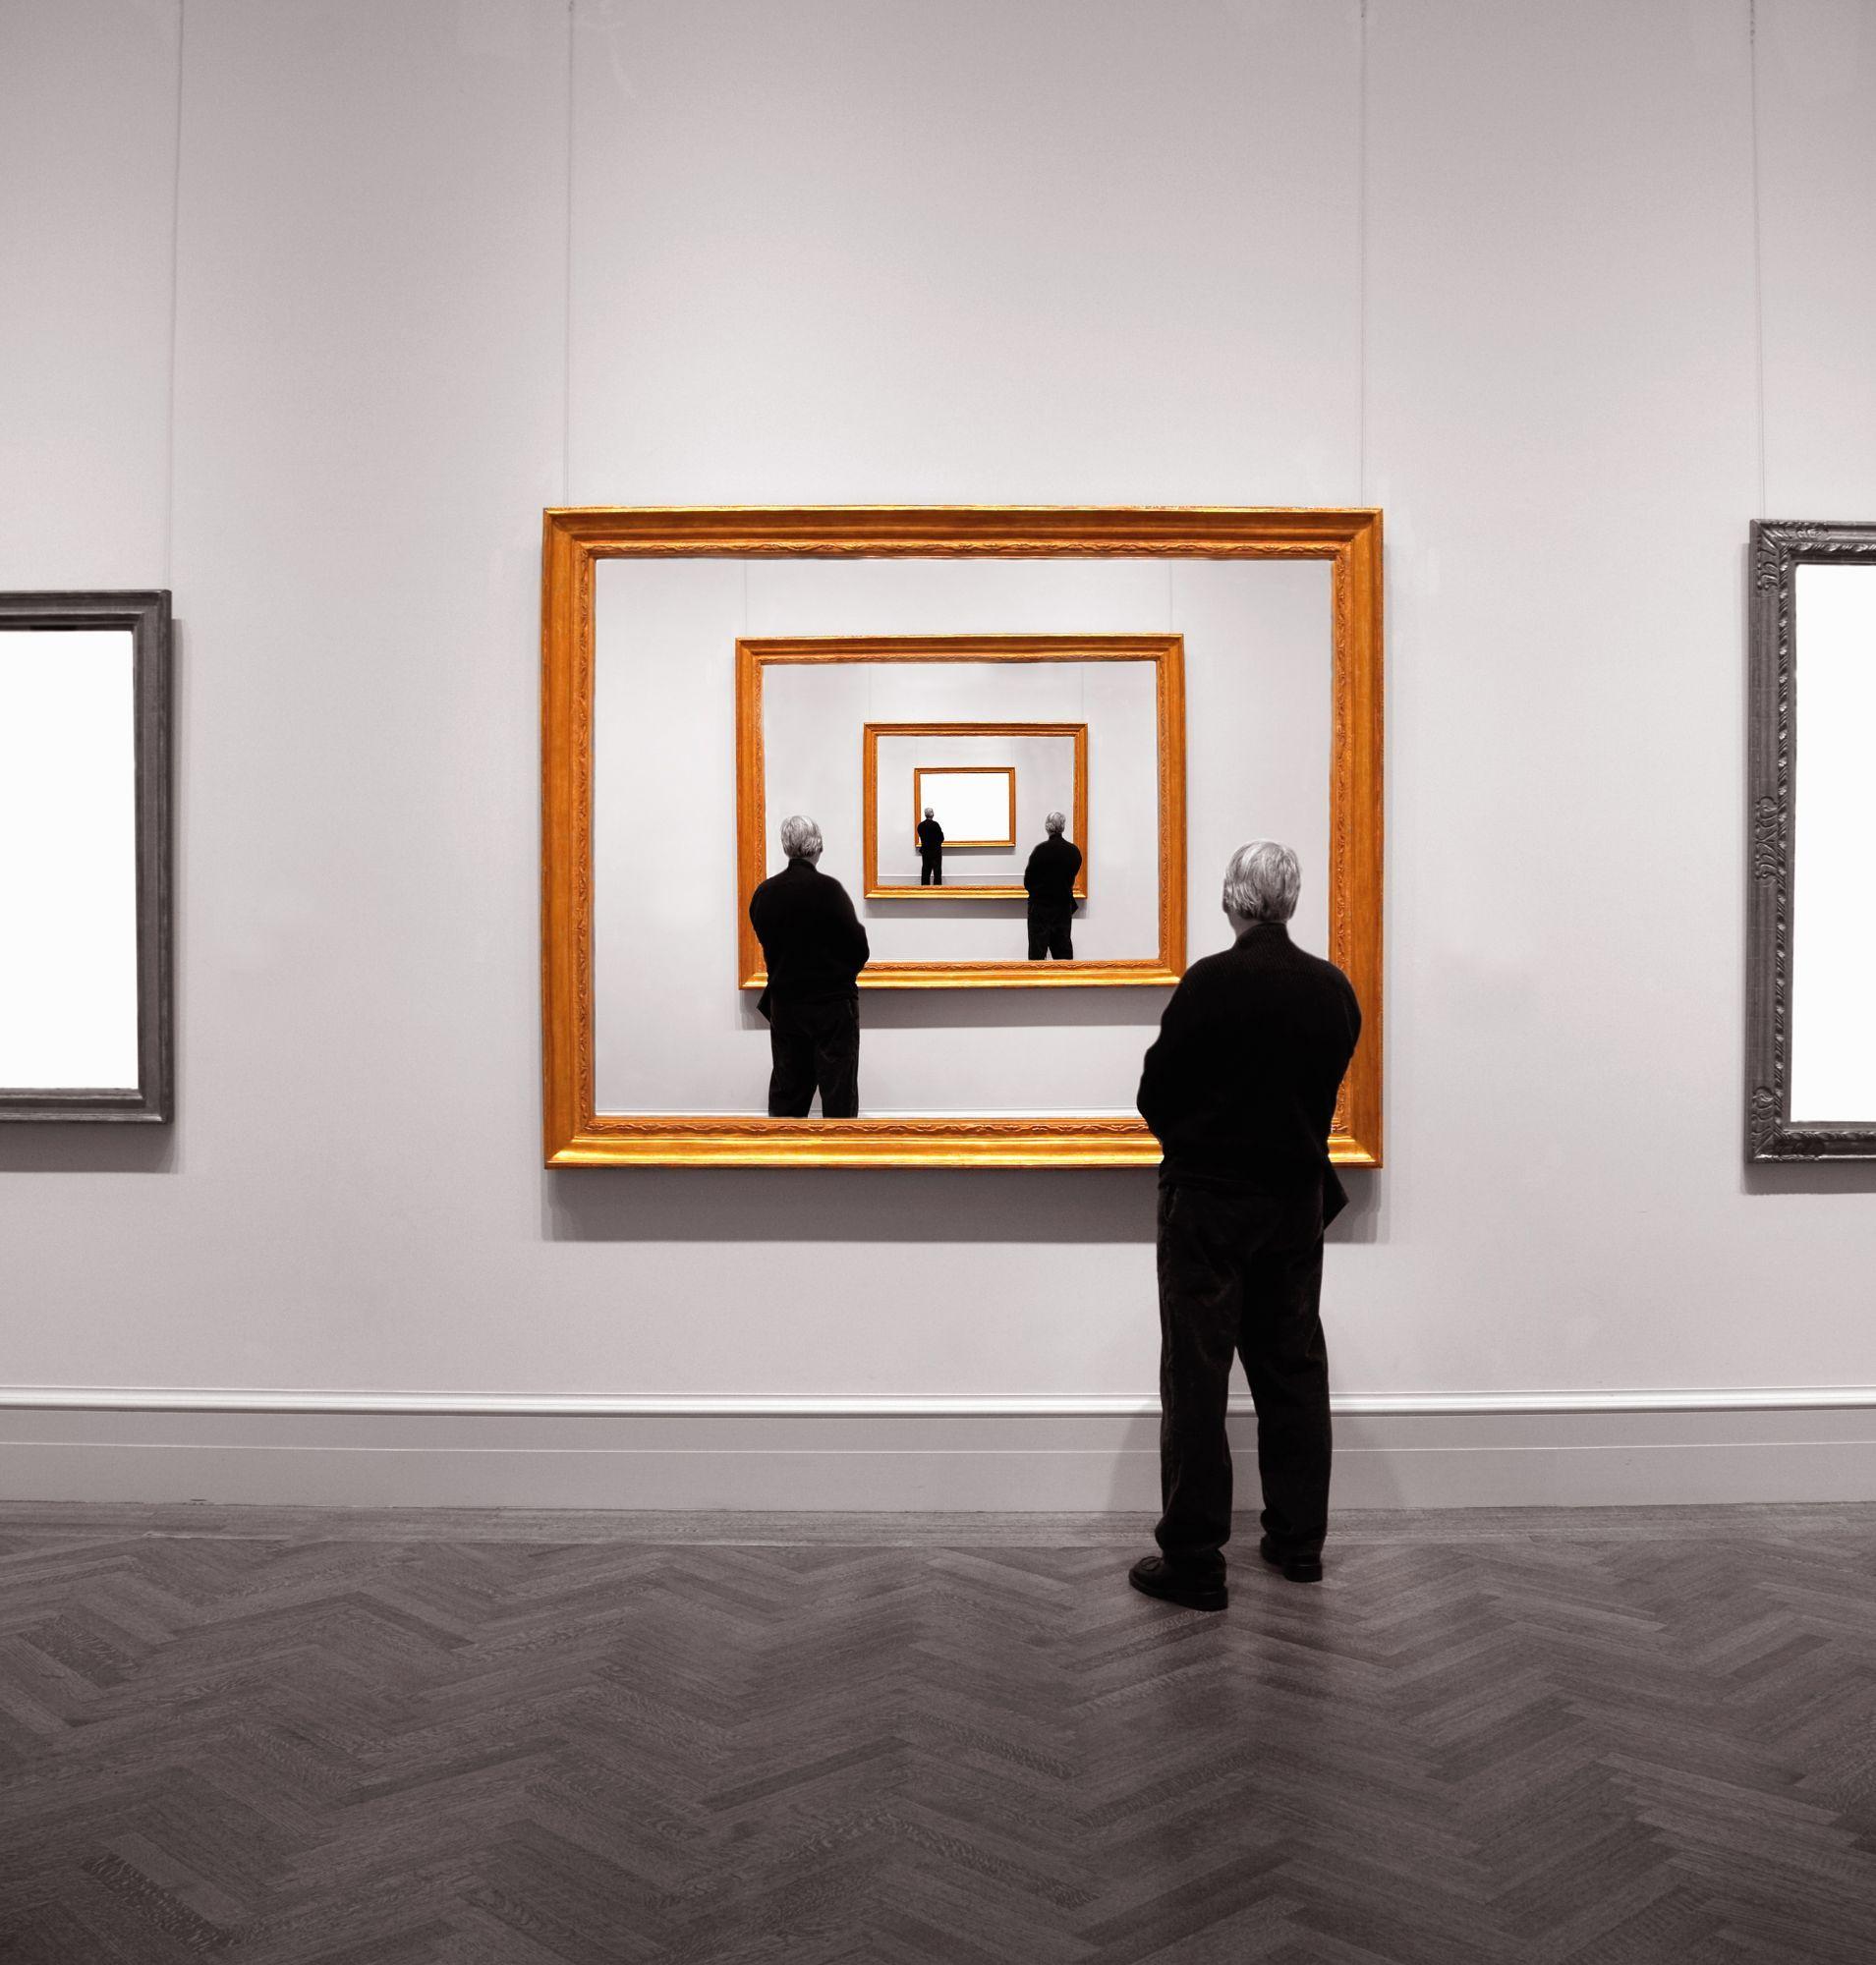 """ได้เวลาดูแลสุขภาพจิต! พิพิธภัณฑ์ทั่วโลกแชร์ผลงานศิลปะที่ """"เซน"""" ที่สุดของแต่ละแห่งบนโซเชียลมีเดีย"""